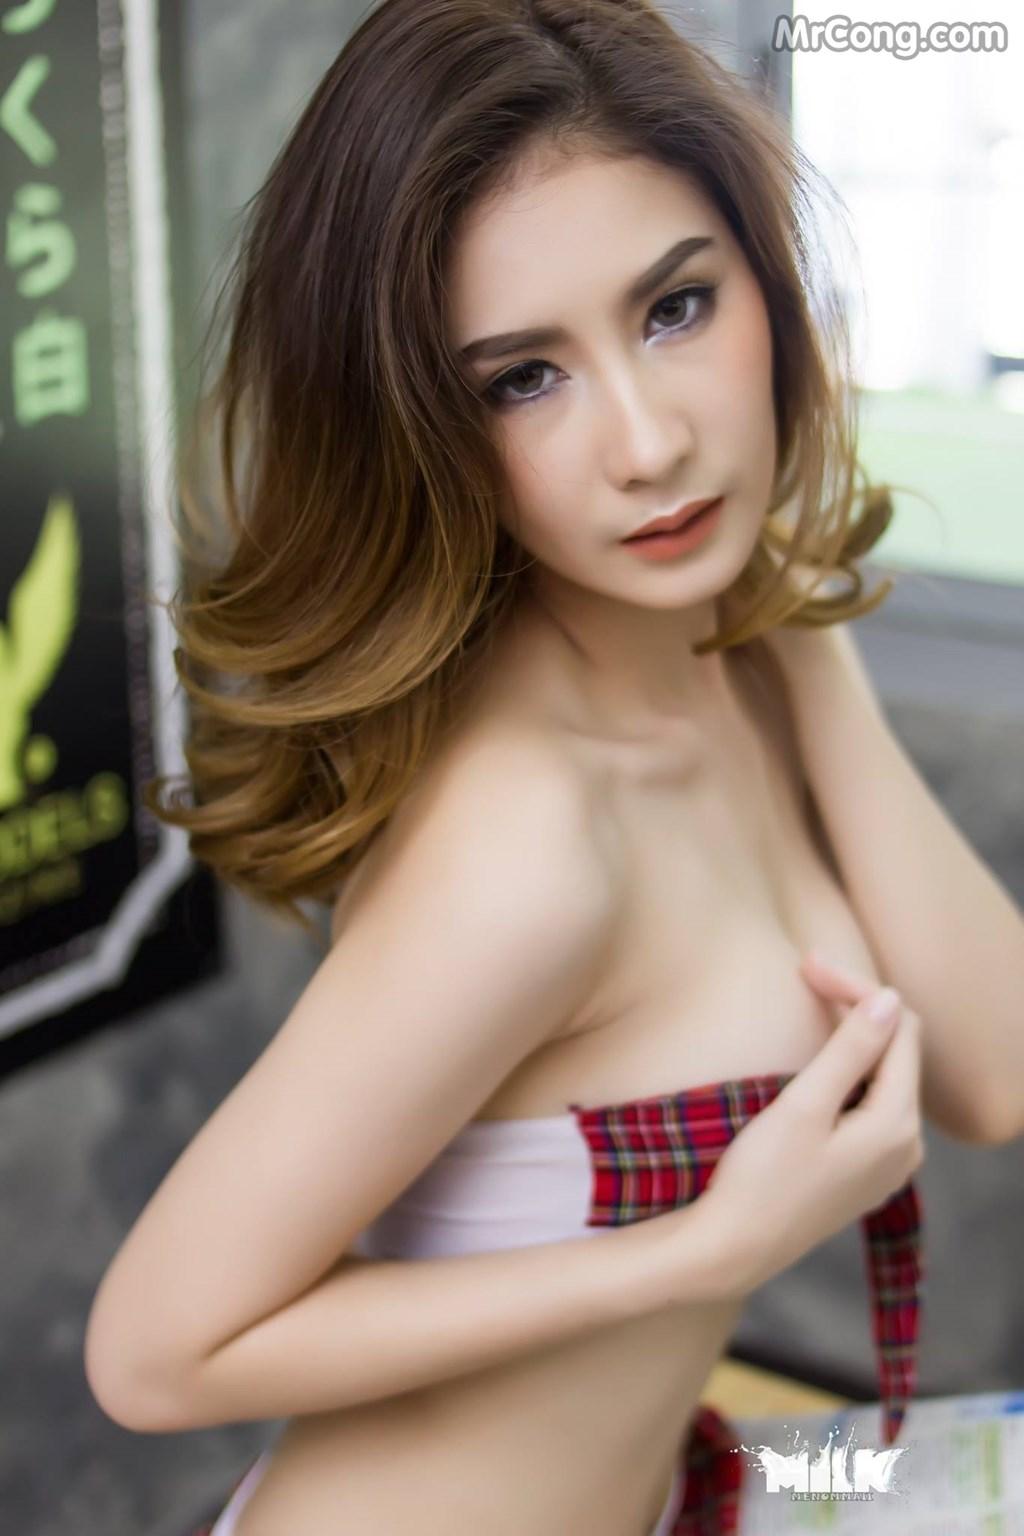 Image Nguoi-mau-Thai-Lan-Thanyarat-Rodpol-MrCong.com-004 in post Người đẹp Thanyarat Rodpol thả rông vòng một mê hoặc mọi ánh mắt (34 ảnh)